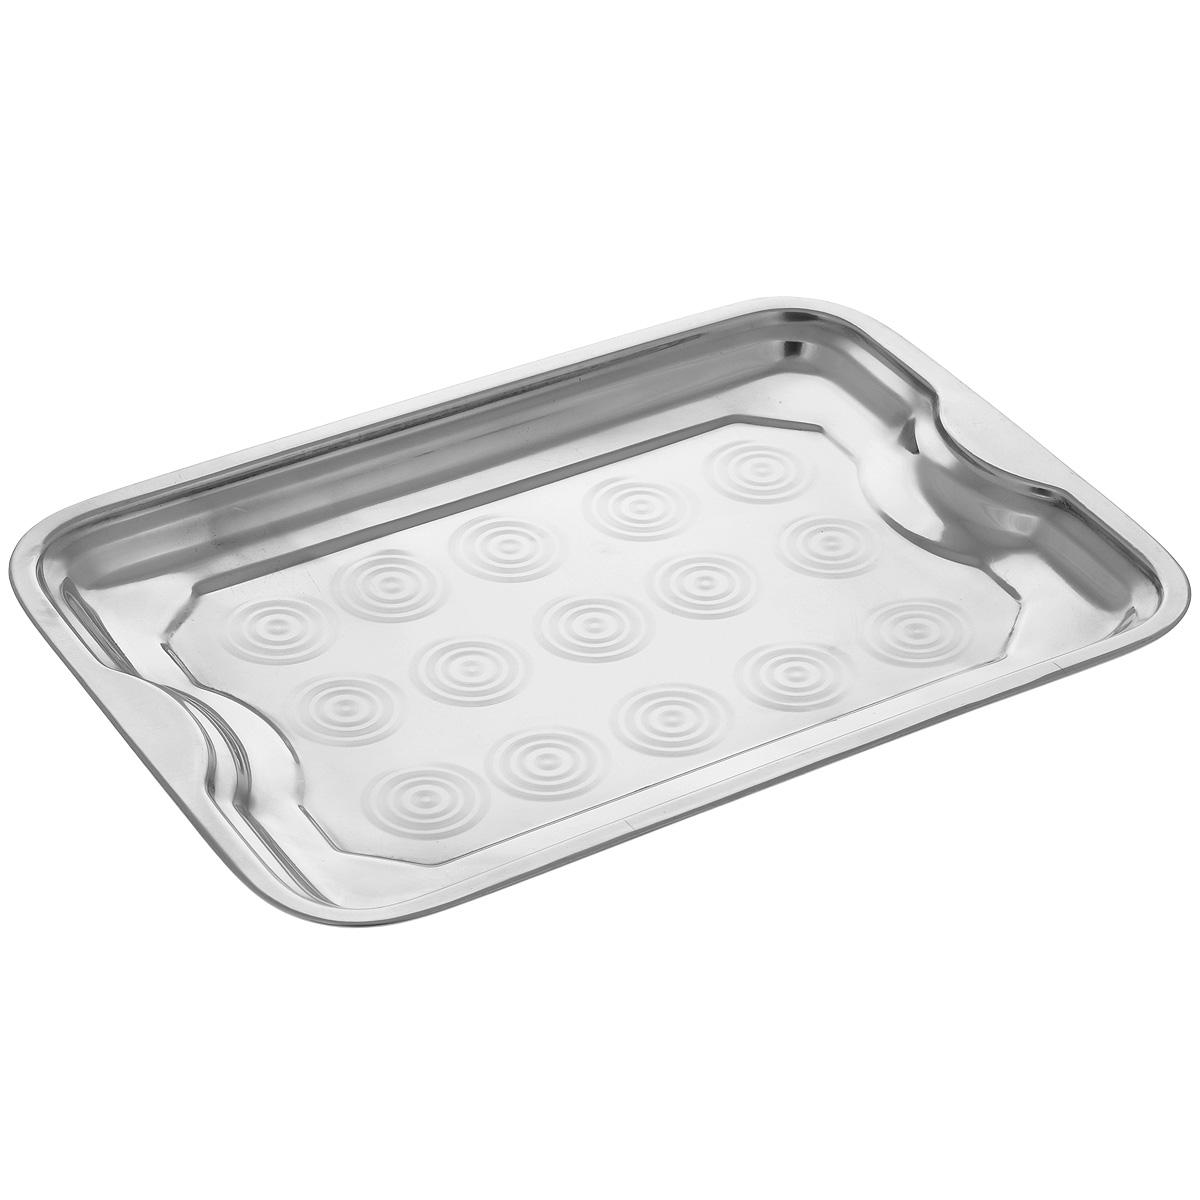 Поднос Padia, 37,5 см х 27 см5400-30Прямоугольный поднос Padia выполнен из серебряно-нержавеющей стали. Он отлично подойдет для красивой сервировки различных блюд, закусок и фруктов на праздничном столе. Благодаря двум ручкам поднос с легкостью можно переносить с места на место. Поднос Padia займет достойное место на вашей кухне. Размер подноса: 37,5 см х 27 см х 2,5 см.